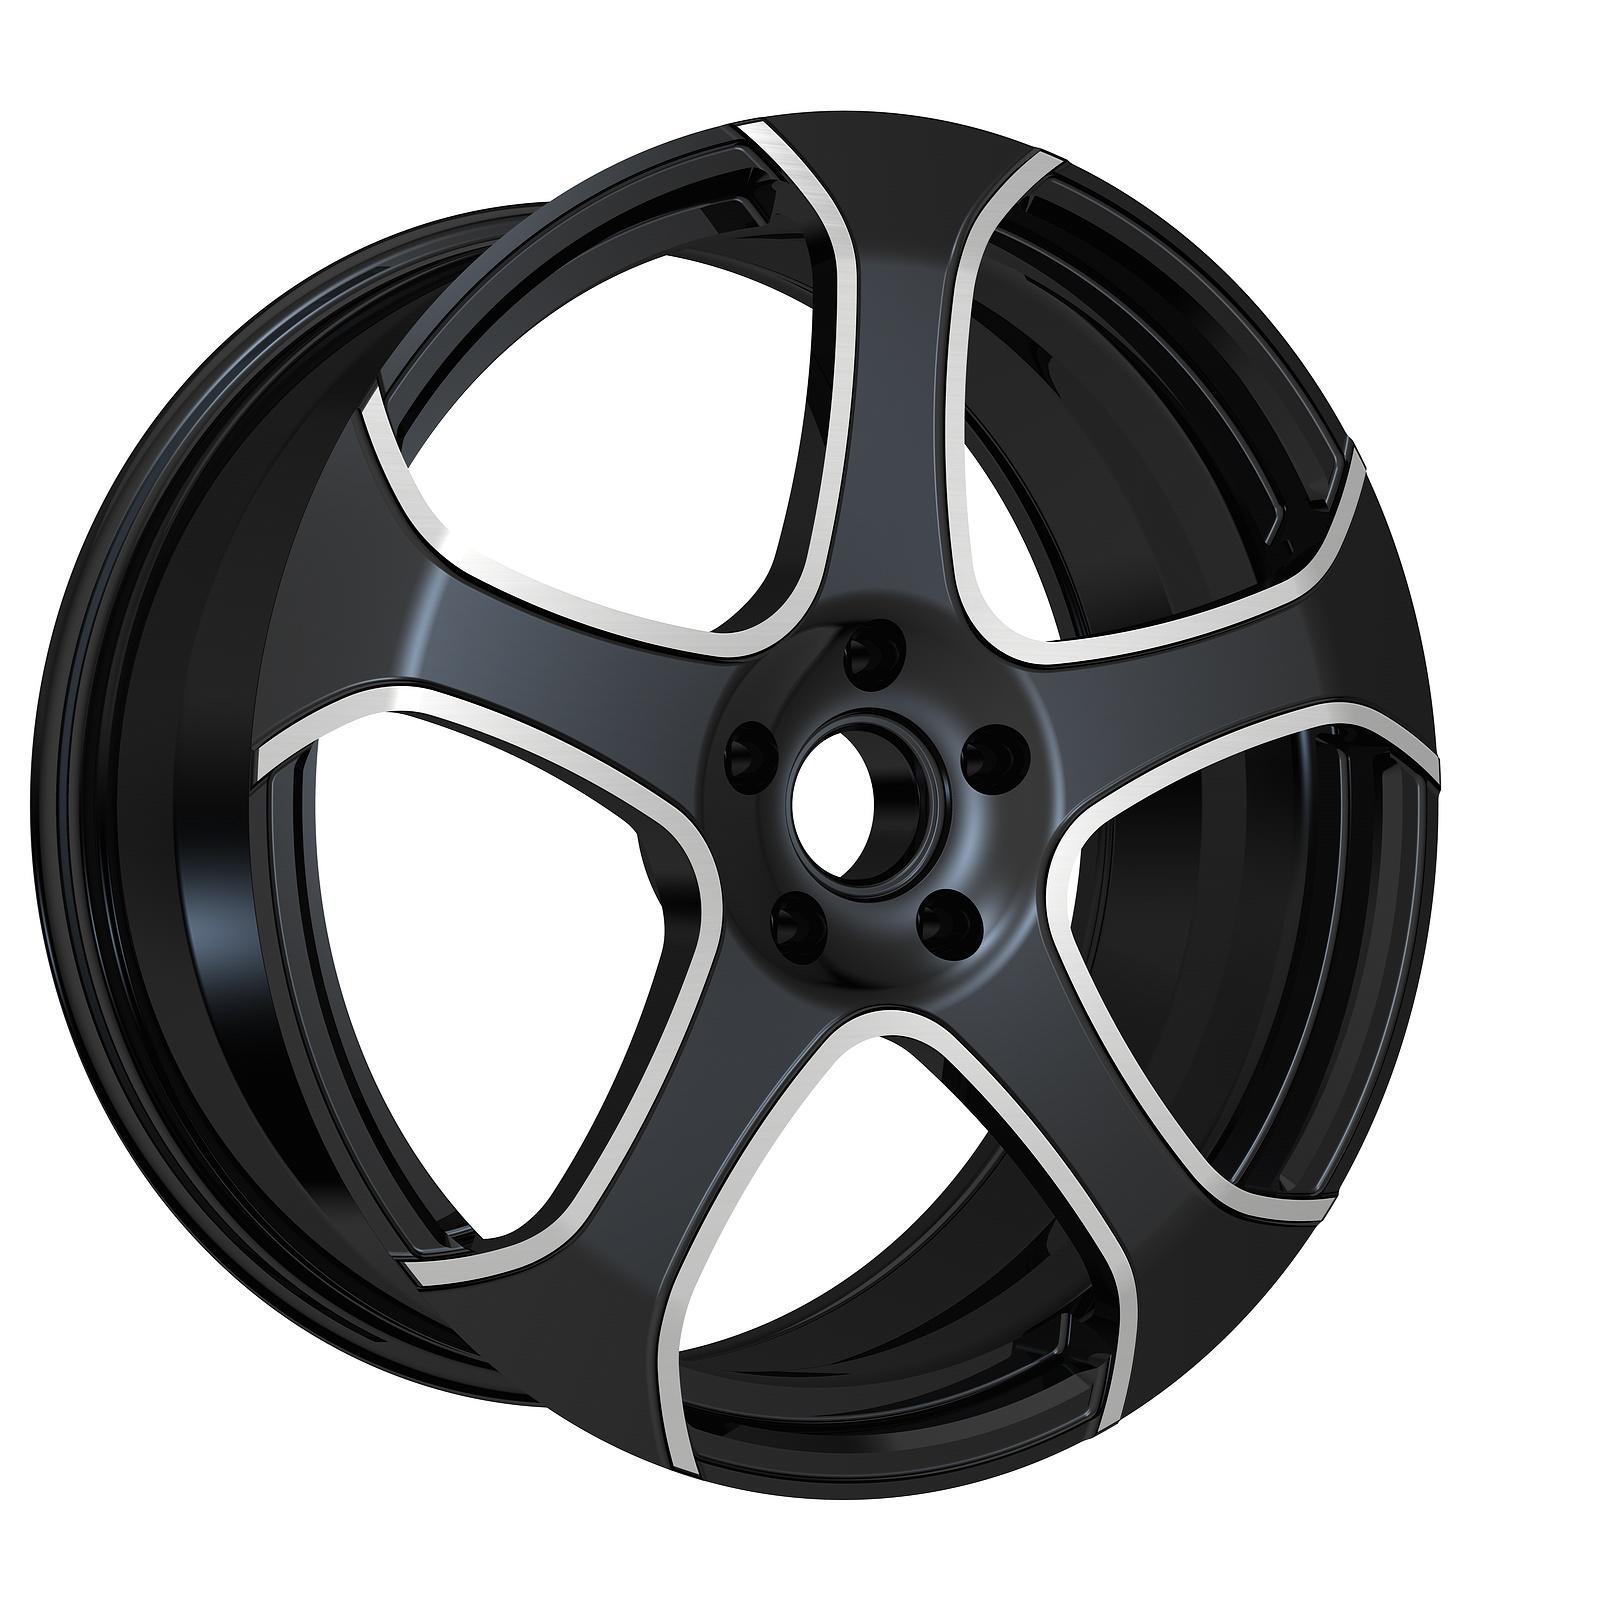 阿尔法罗密欧锻造镁铝车轮